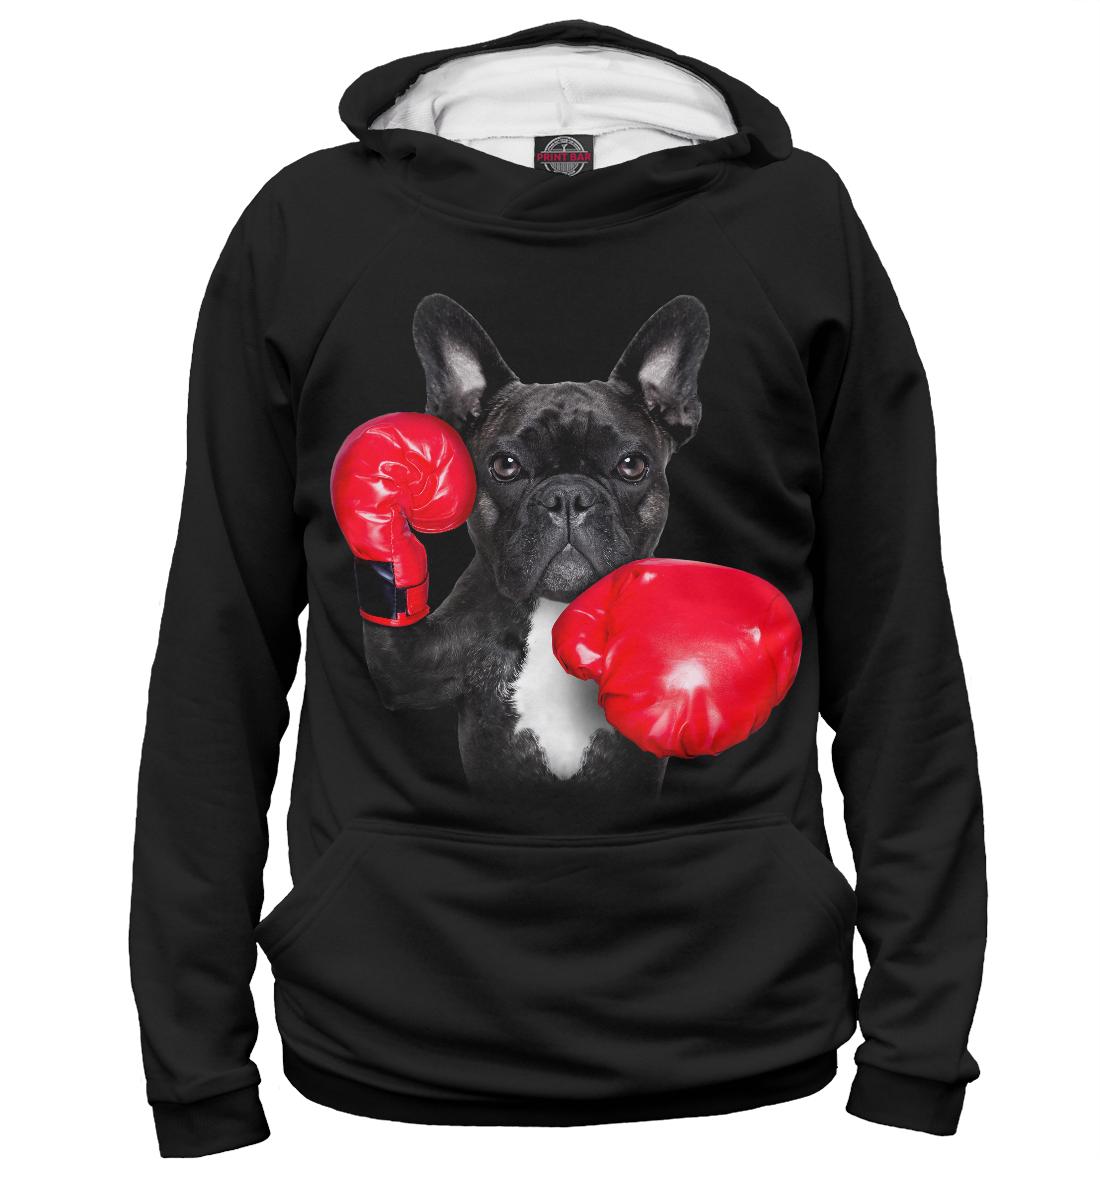 Купить Французский бульдог - боксер, Printbar, Худи, DOG-855948-hud-2